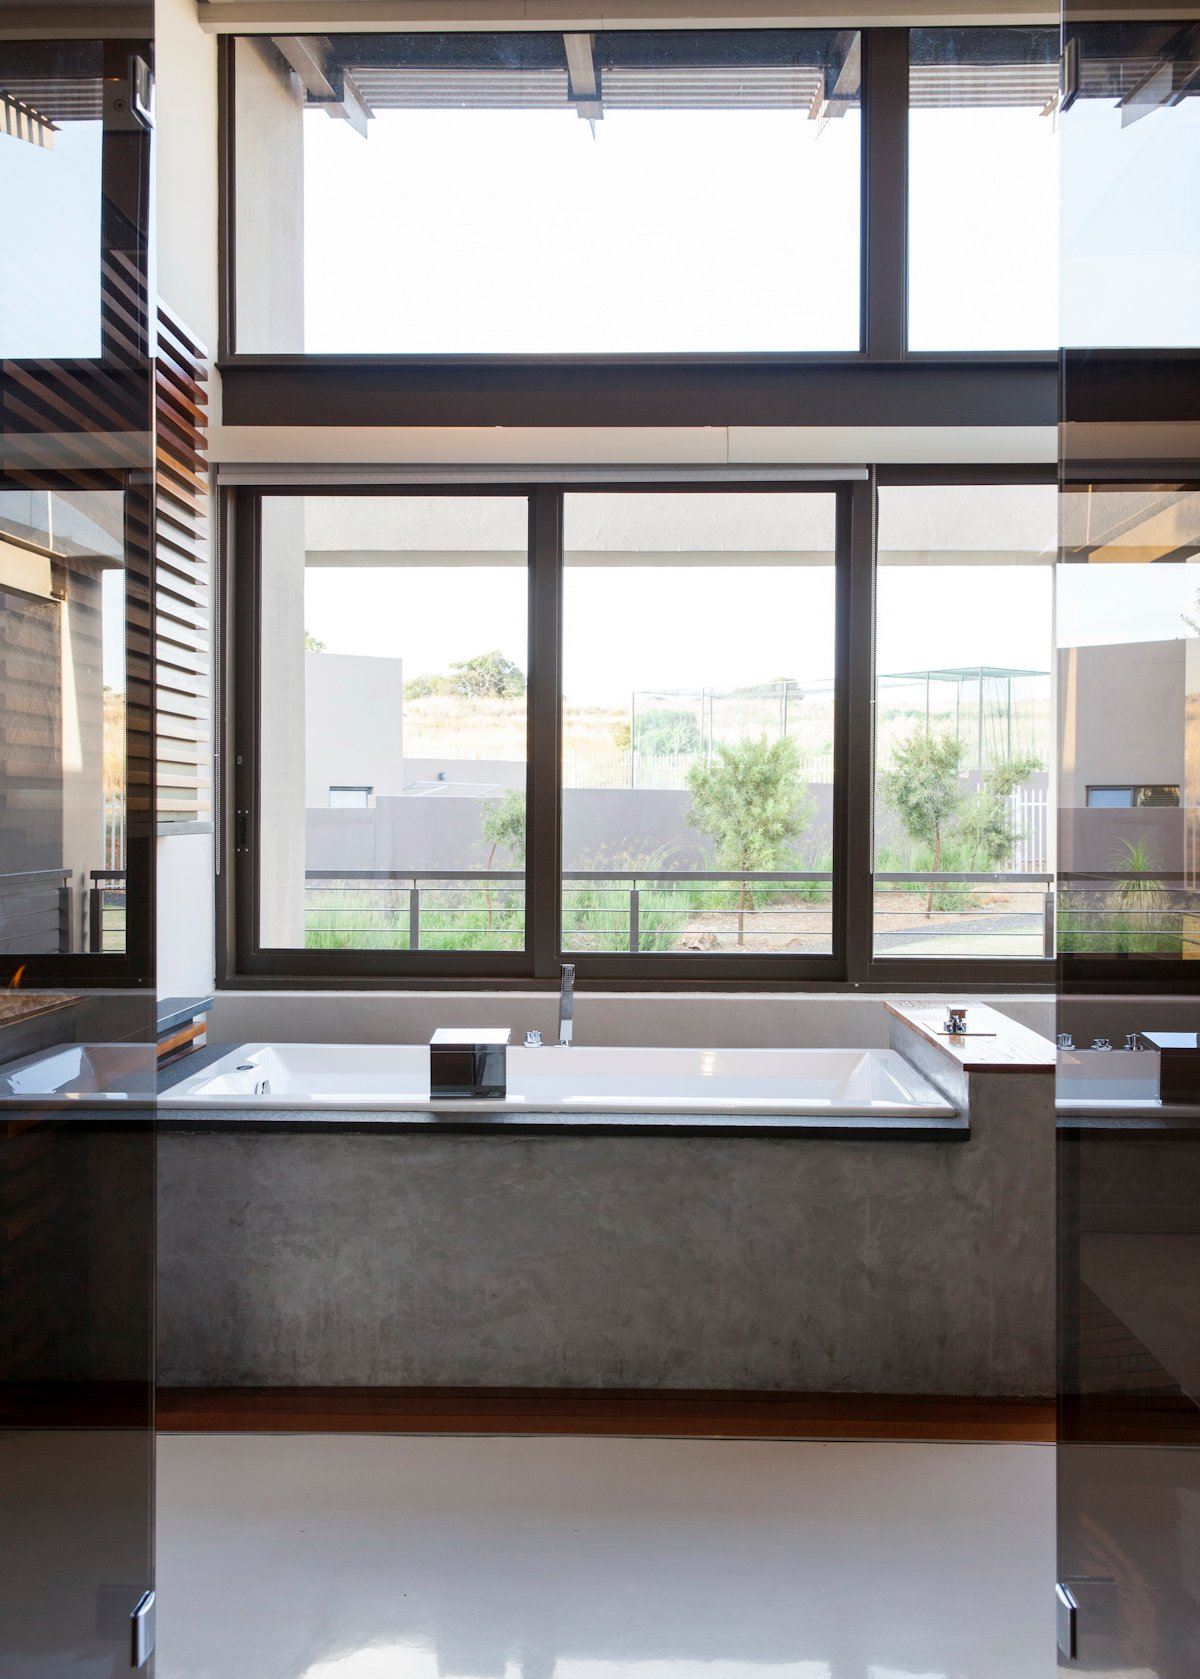 Bath, House in Johannesburg